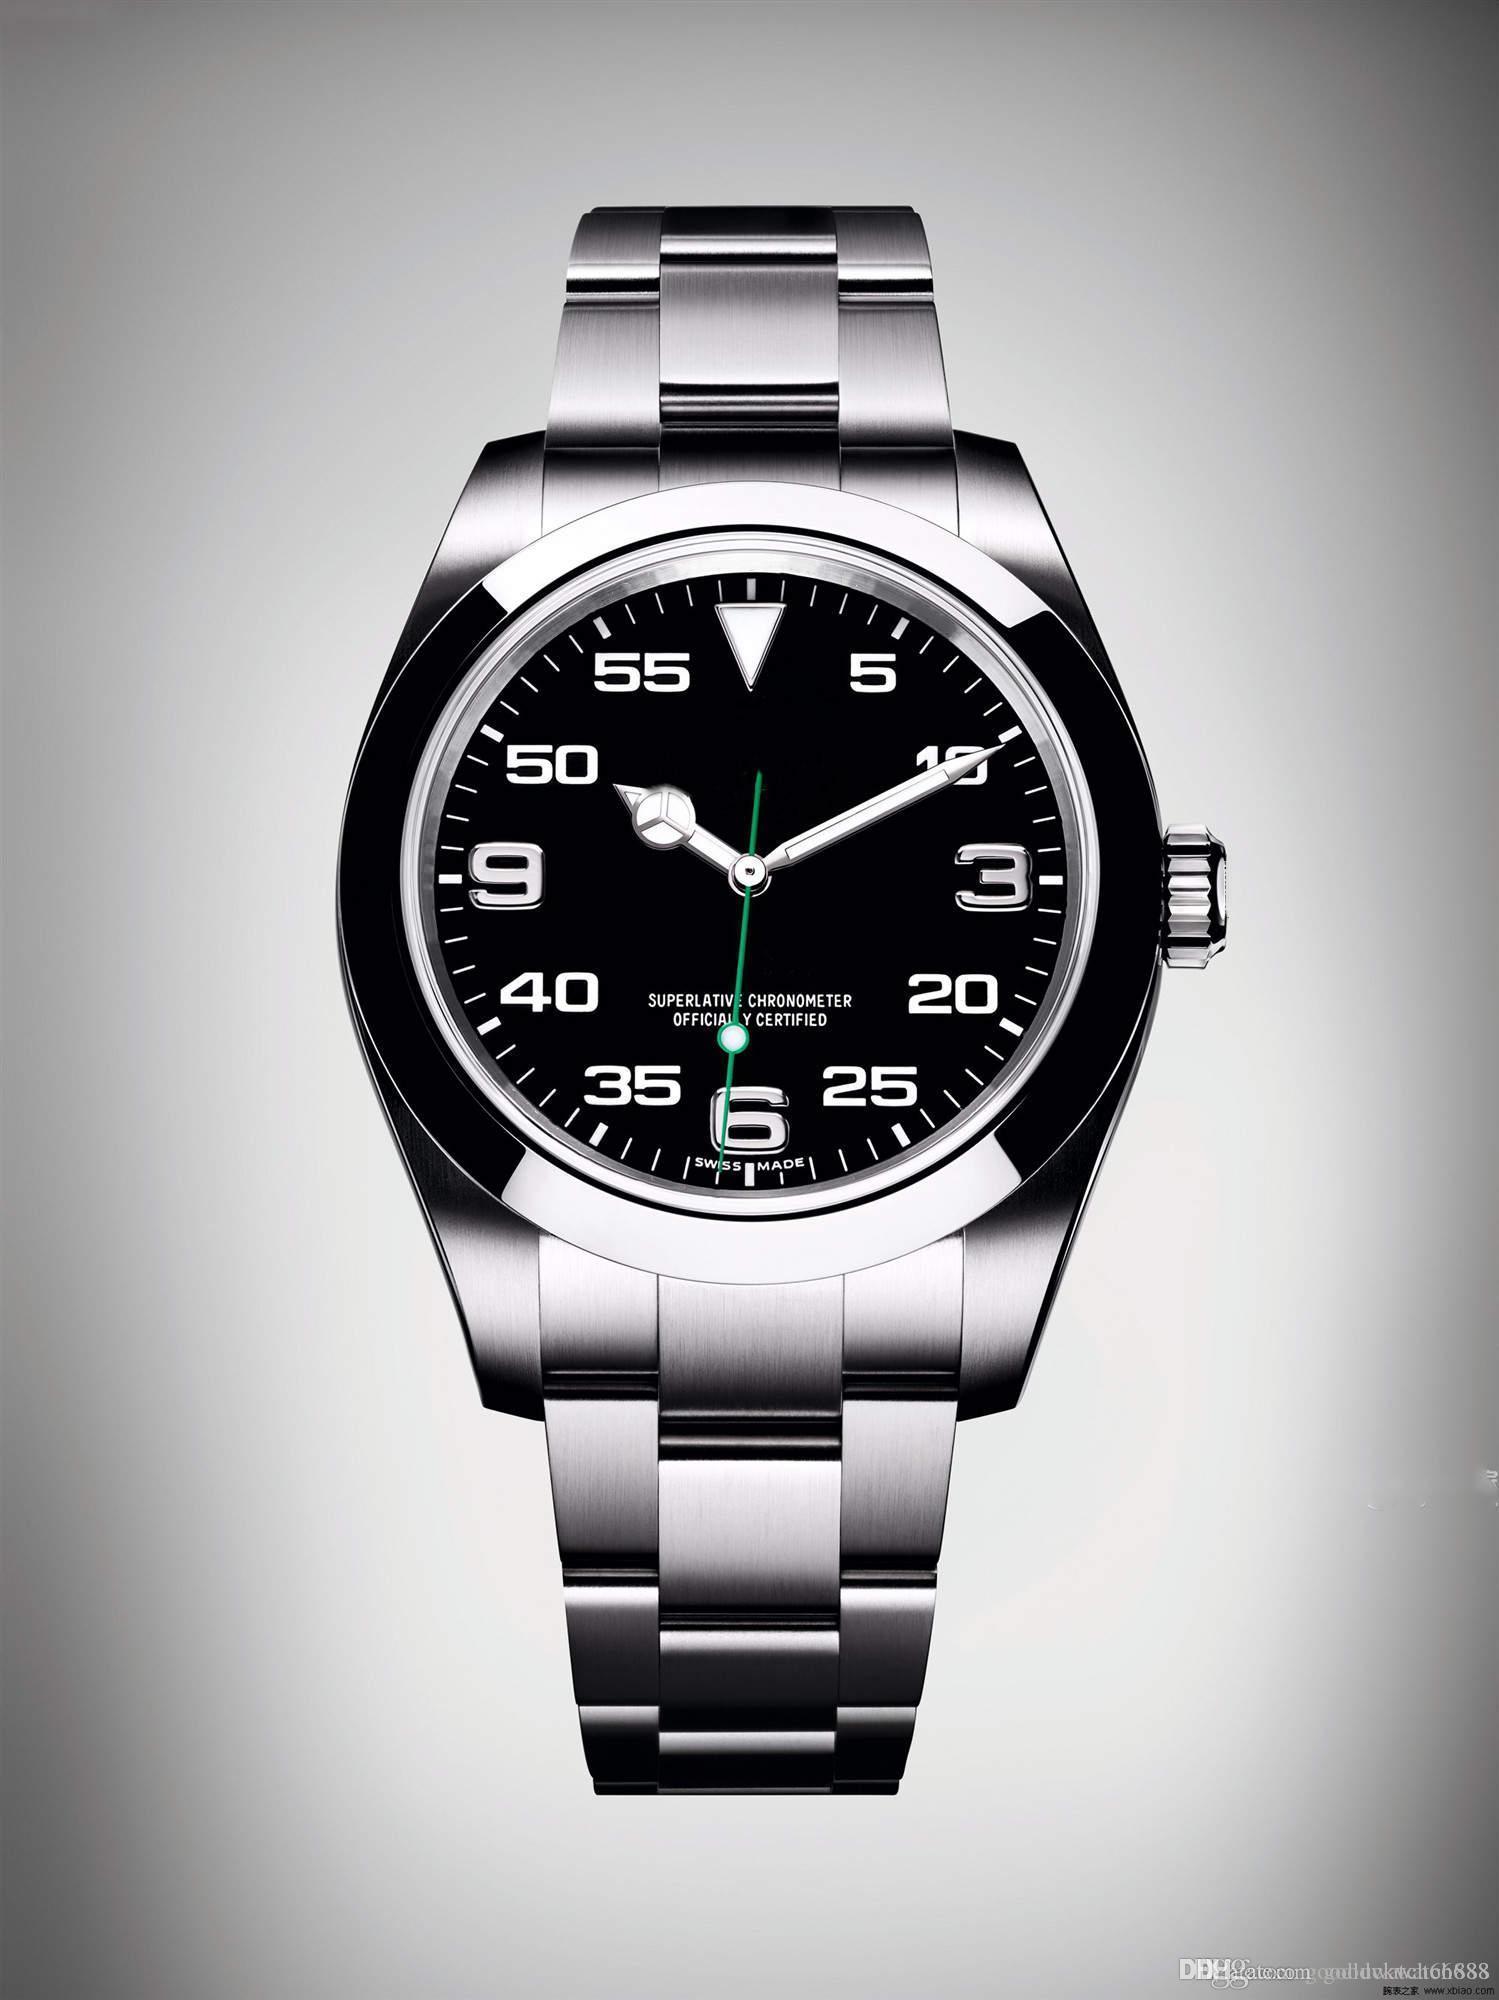 2019 Top maître ciel soigneusement en série Overlord 116900 montres hommes montres automatiques de luxe mécaniques 40mm-45mm en acier inoxydable